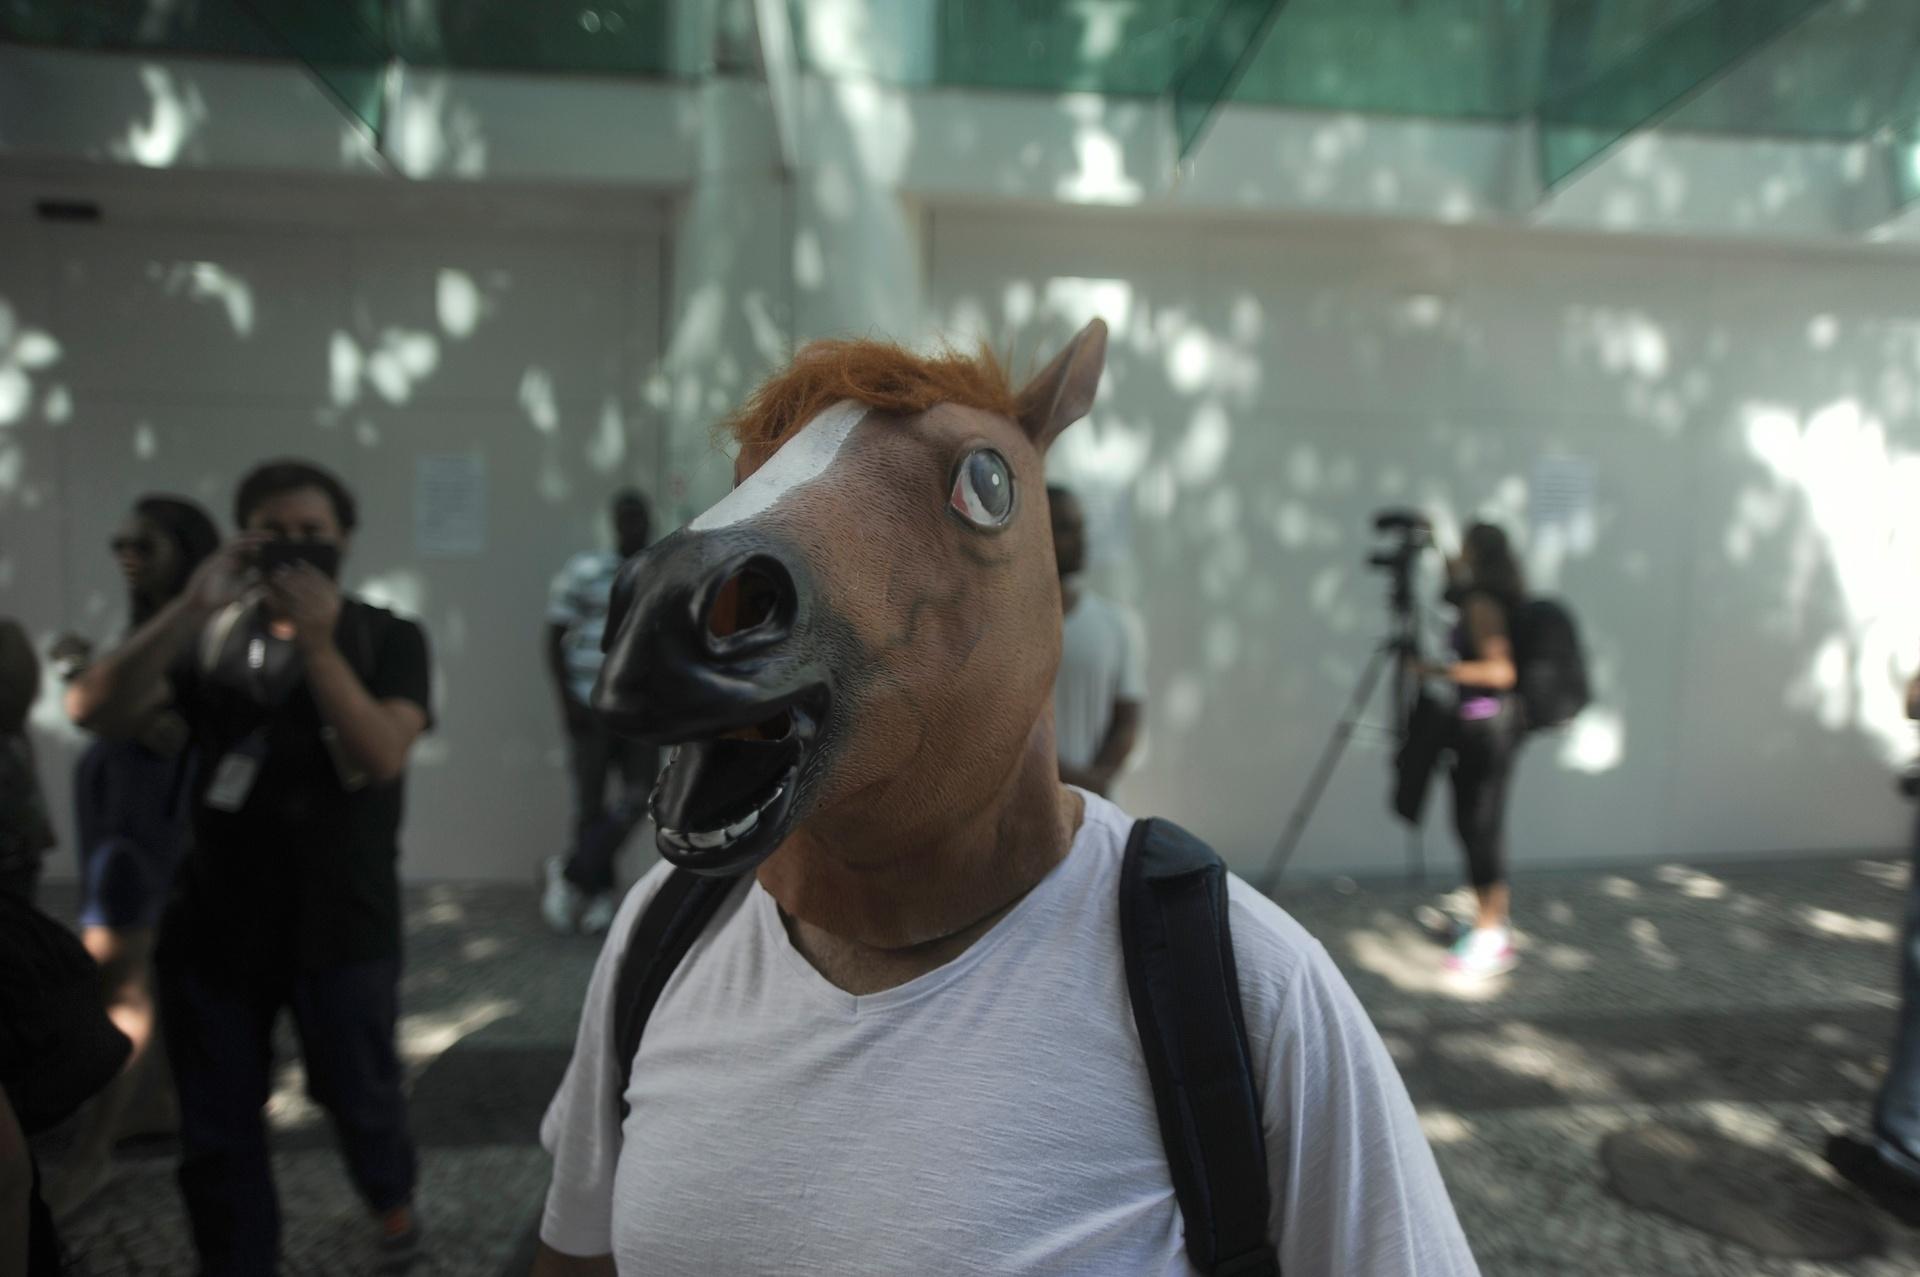 19.jan.2014 - Manifestante fantasiados chega ao shopping Leblon, na zona sul do Rio de Janeiro, neste domingo (19), para protestar contra a proibição da realização de